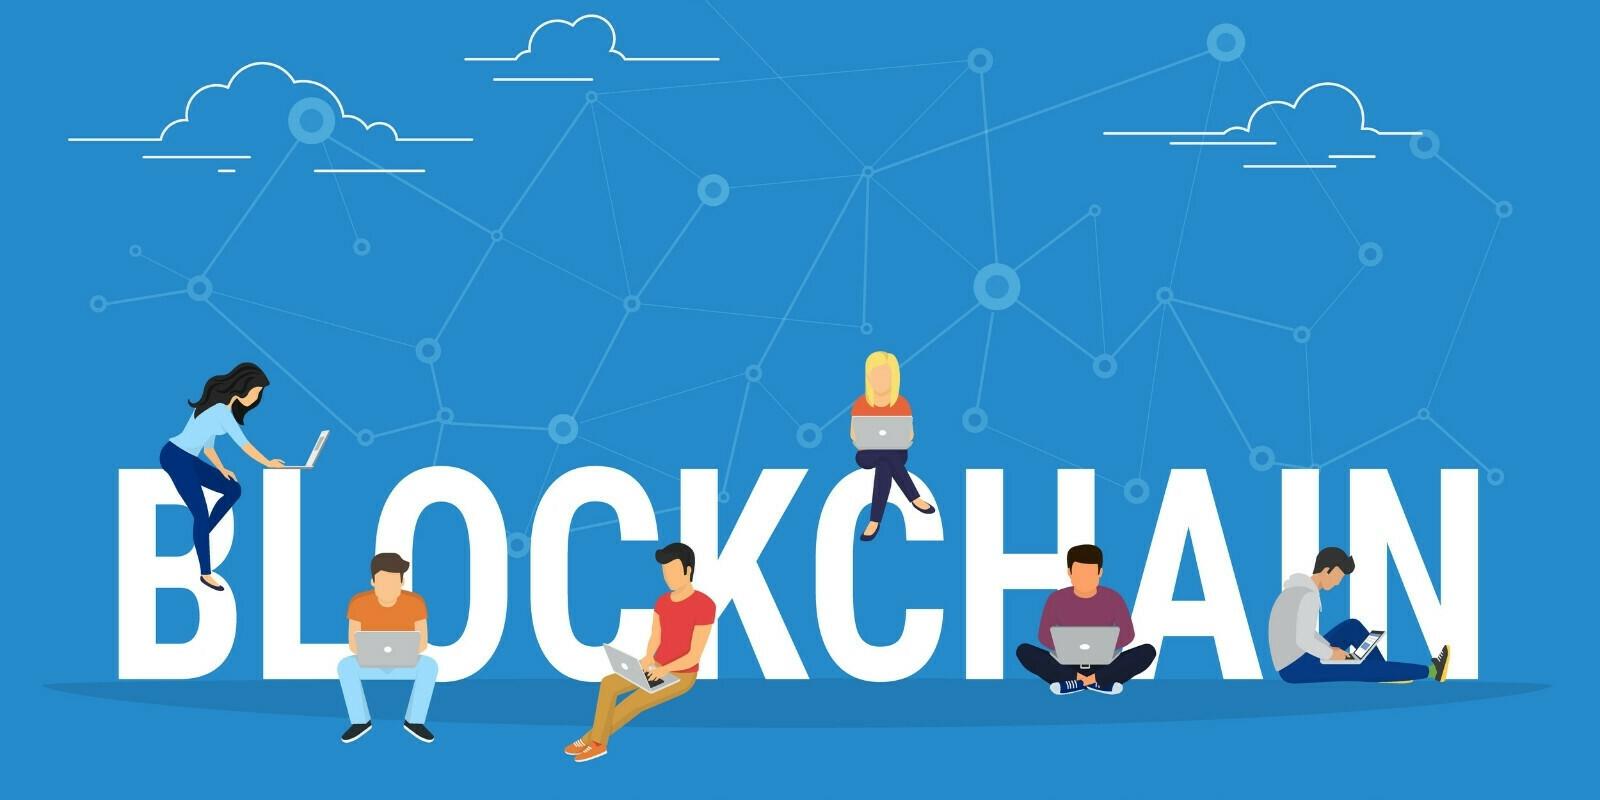 Ethereum, Cardano et Bitcoin en tête des blockchains les plus développées du moment